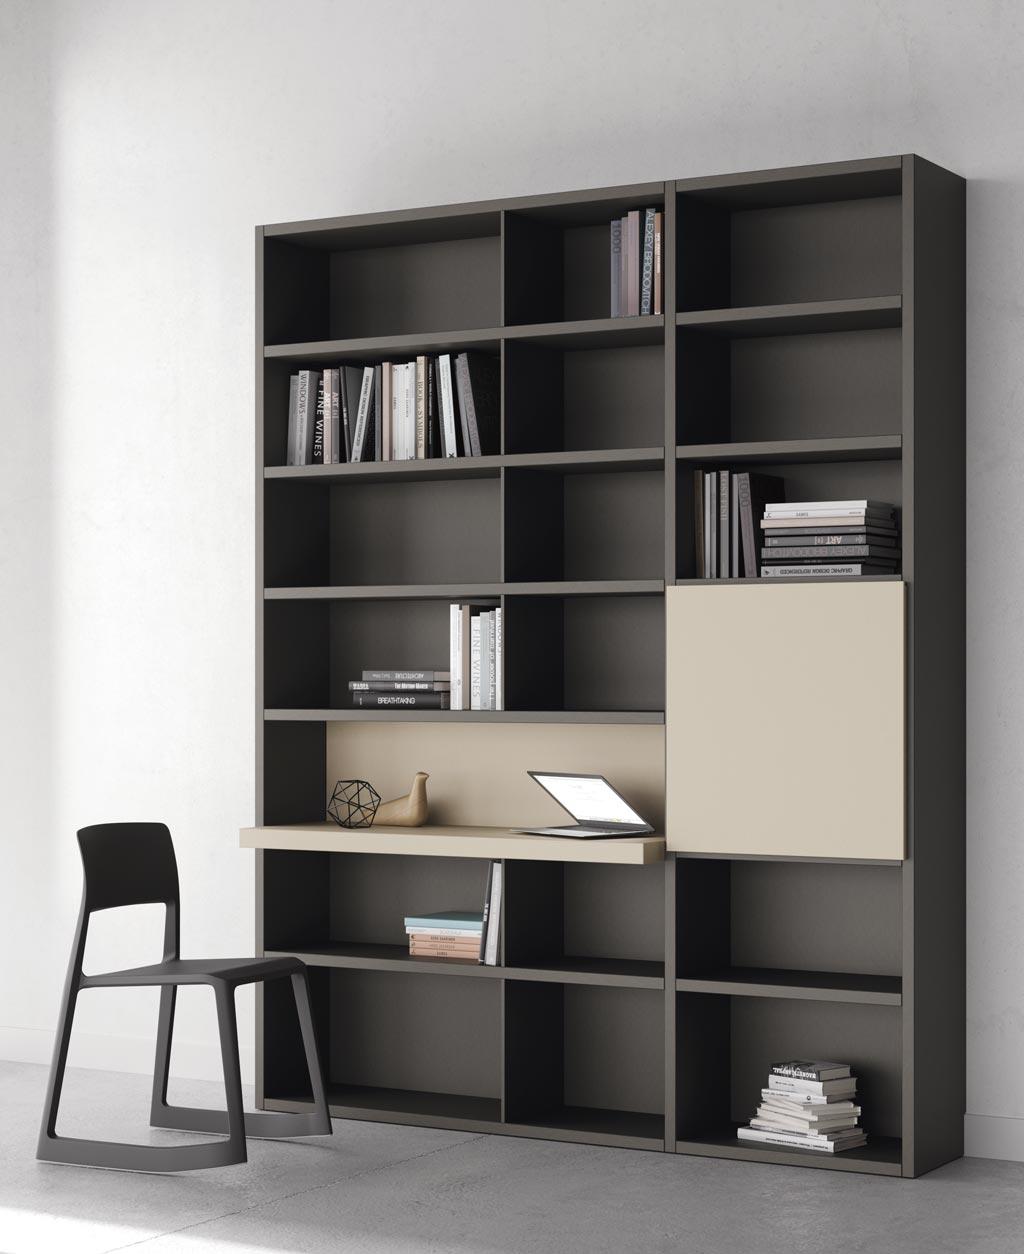 Fotografía de la estantería Addbox con escritorio incorporado